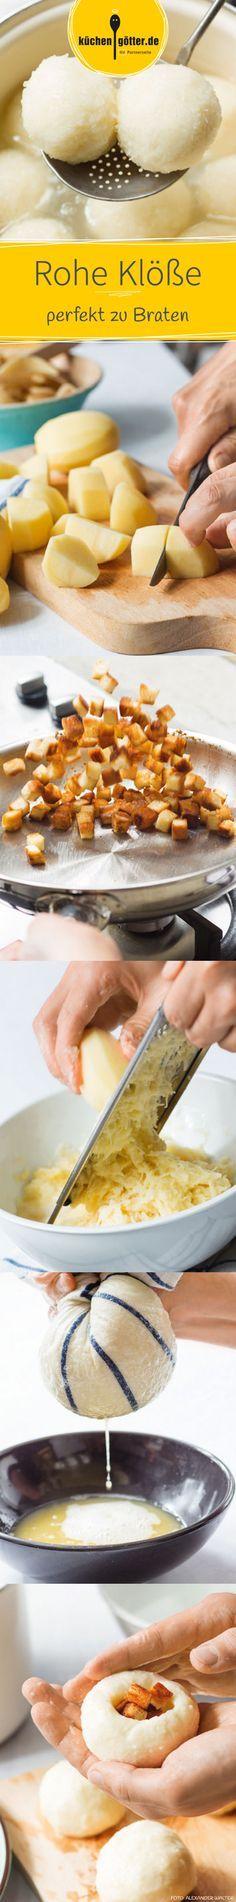 Kartoffelklößchen mit Speck auf schlesische Art Recipe Thermomix